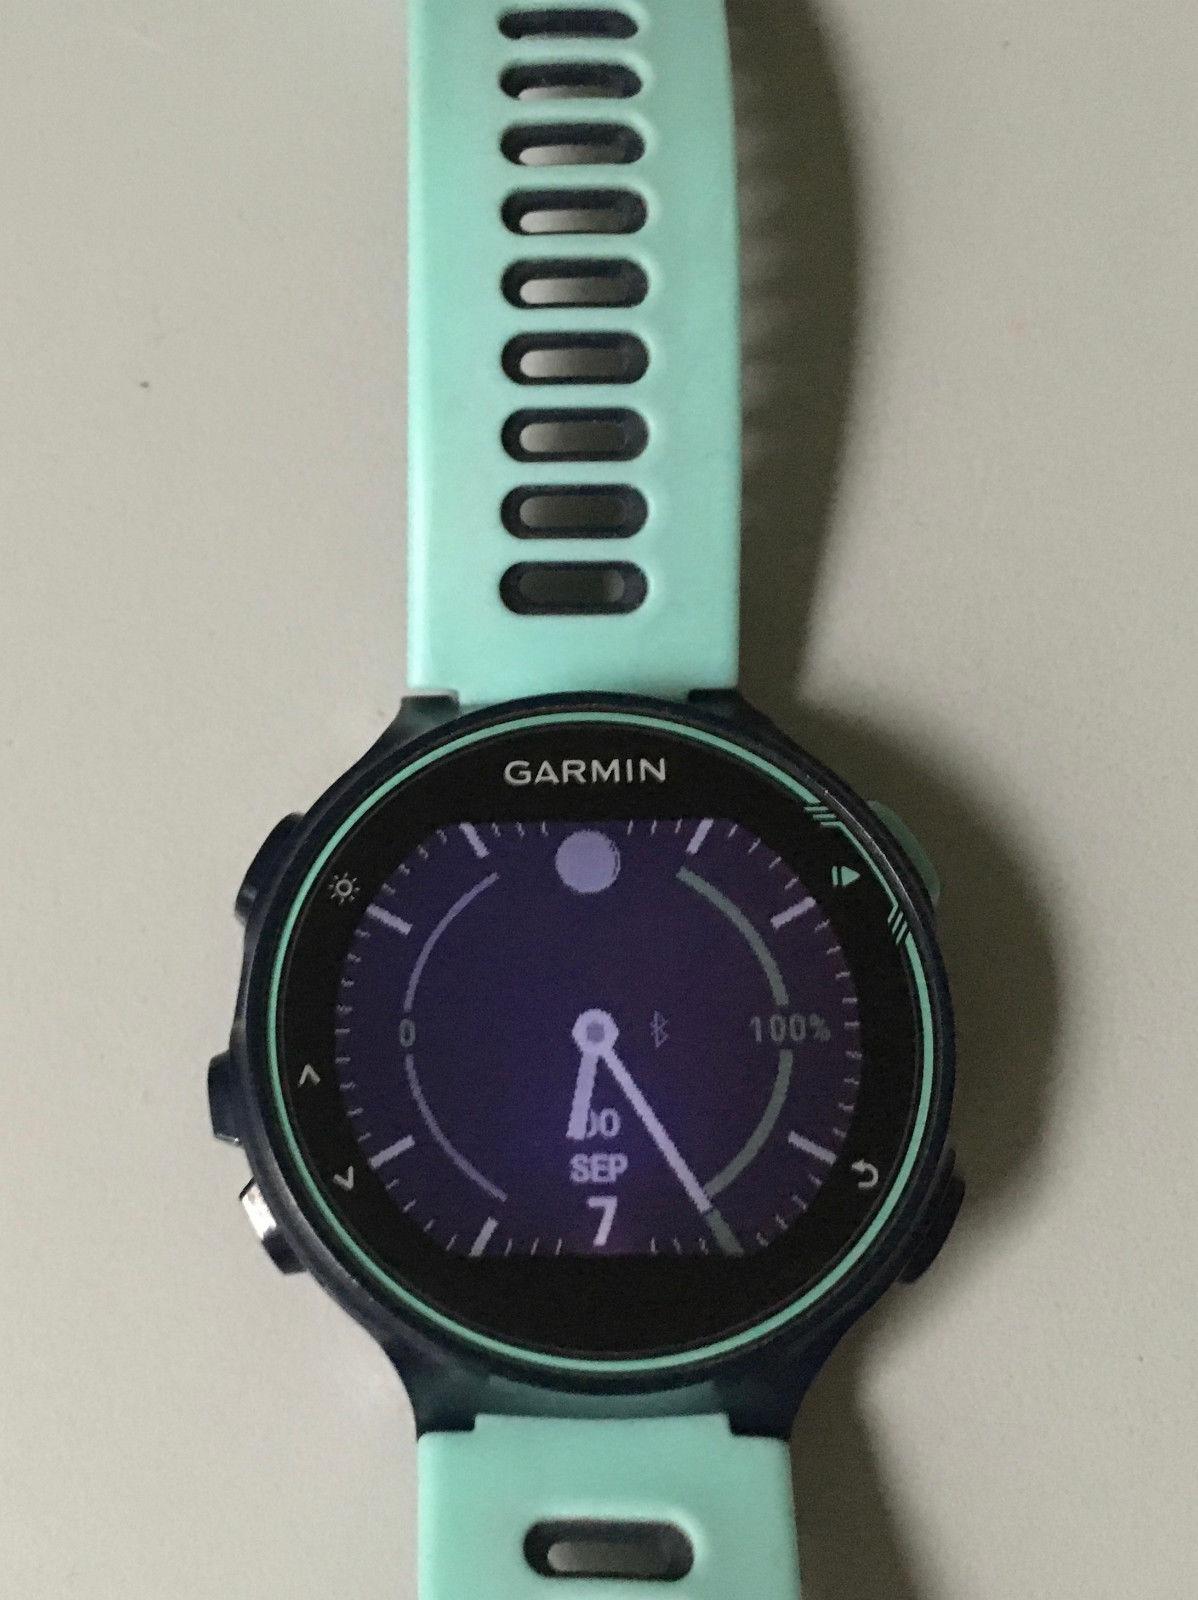 Garmin FR 735 XT Bundle - GPS Triathlonsportuhr mit HF-Messung am Handgelenk